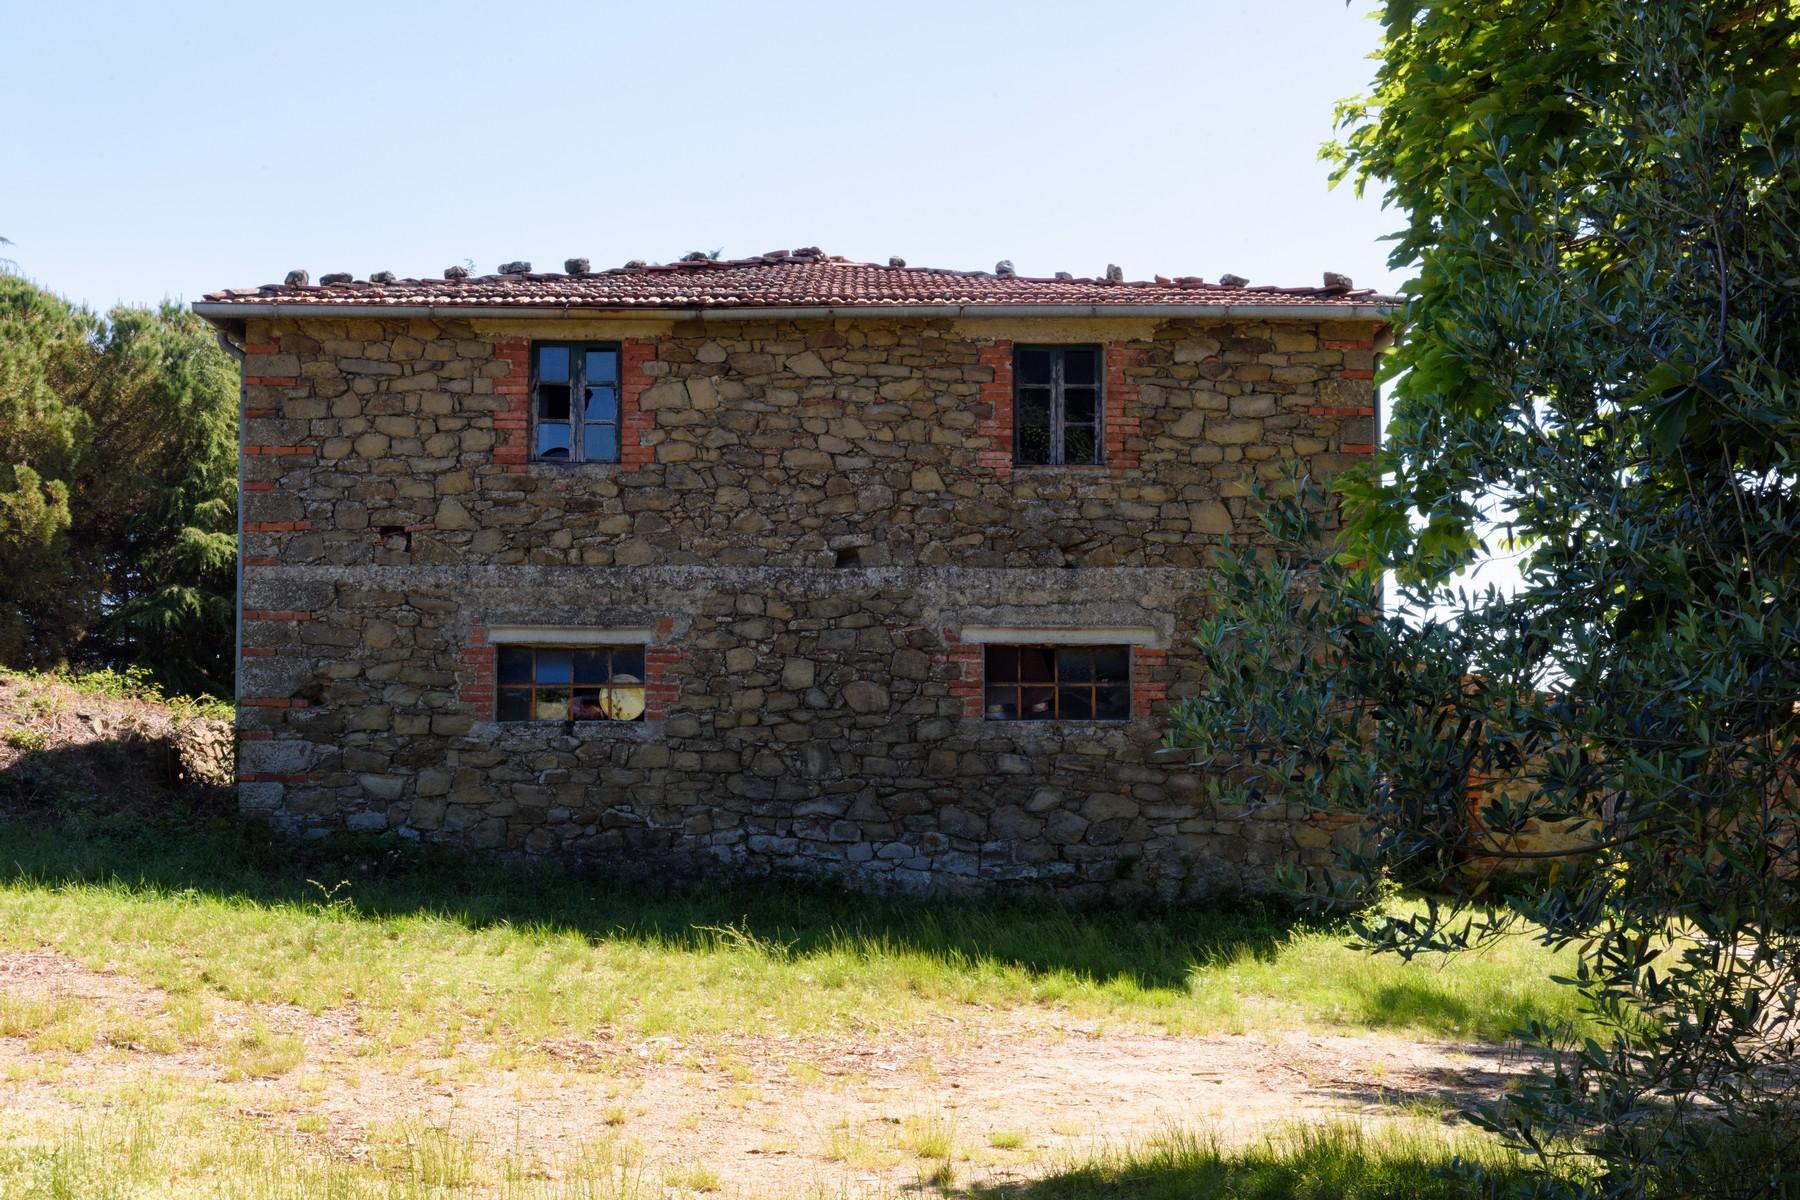 Rustico in Vendita a Monte San Savino: 5 locali, 370 mq - Foto 7